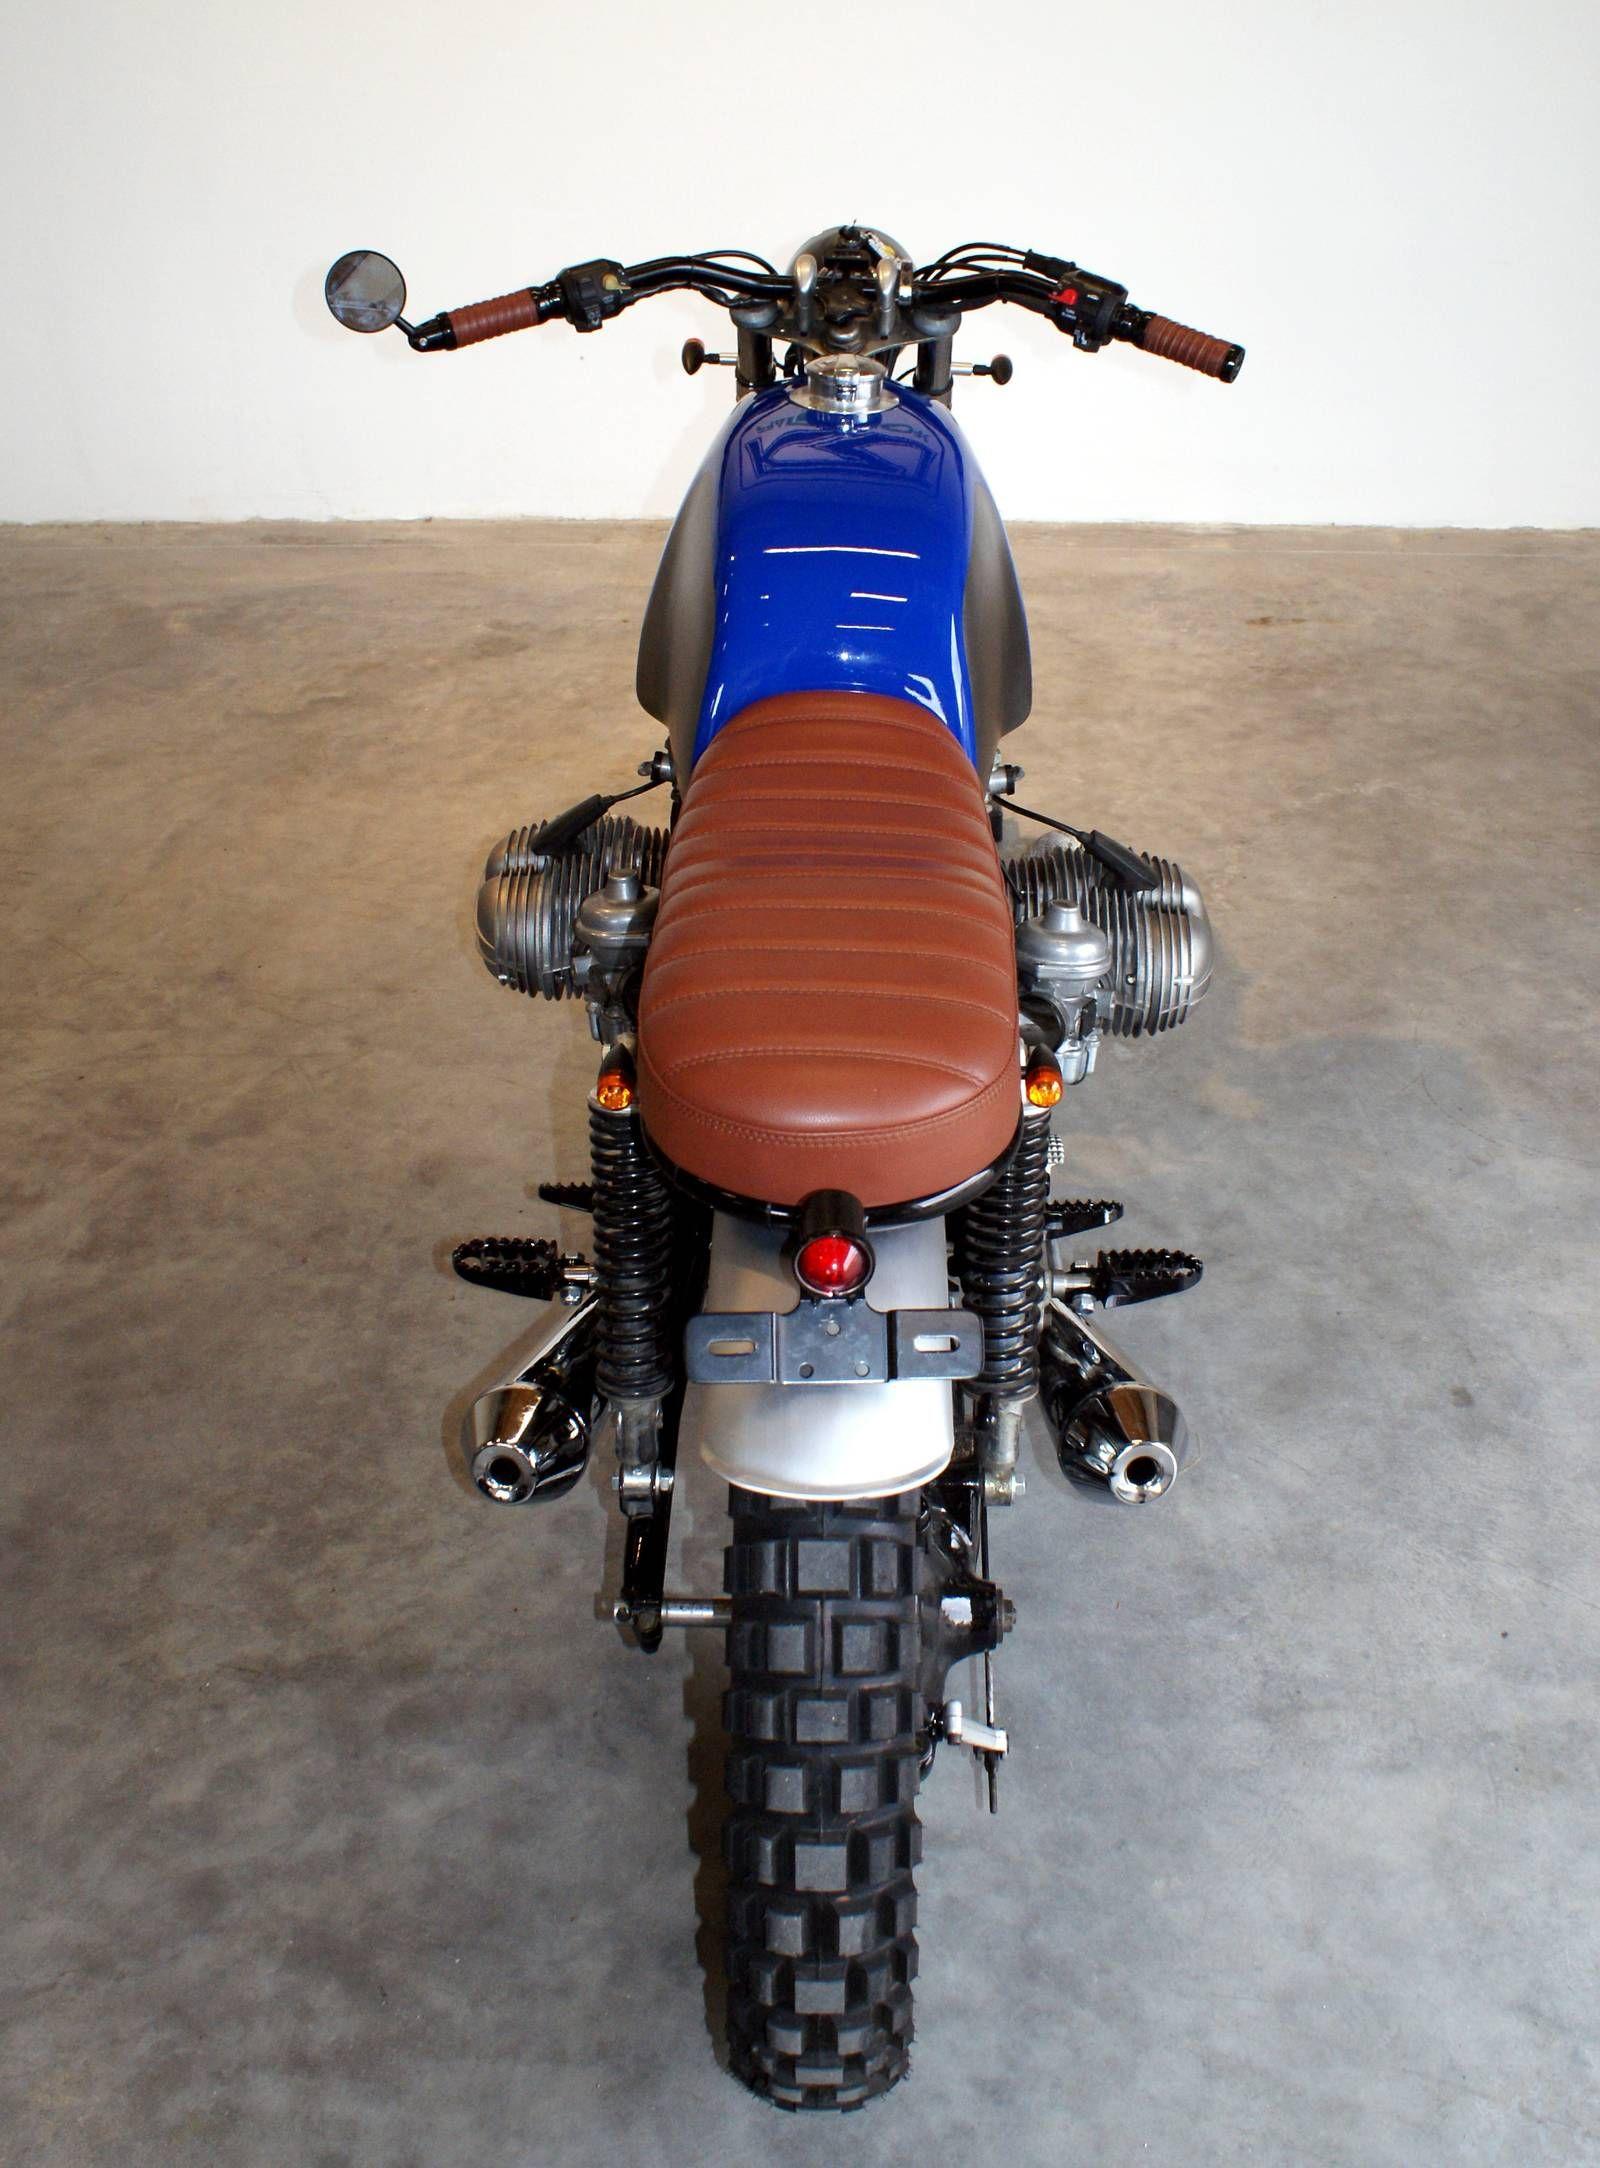 umbau bmw r100 rs motorrad tellenbrock bmw r80s plus. Black Bedroom Furniture Sets. Home Design Ideas